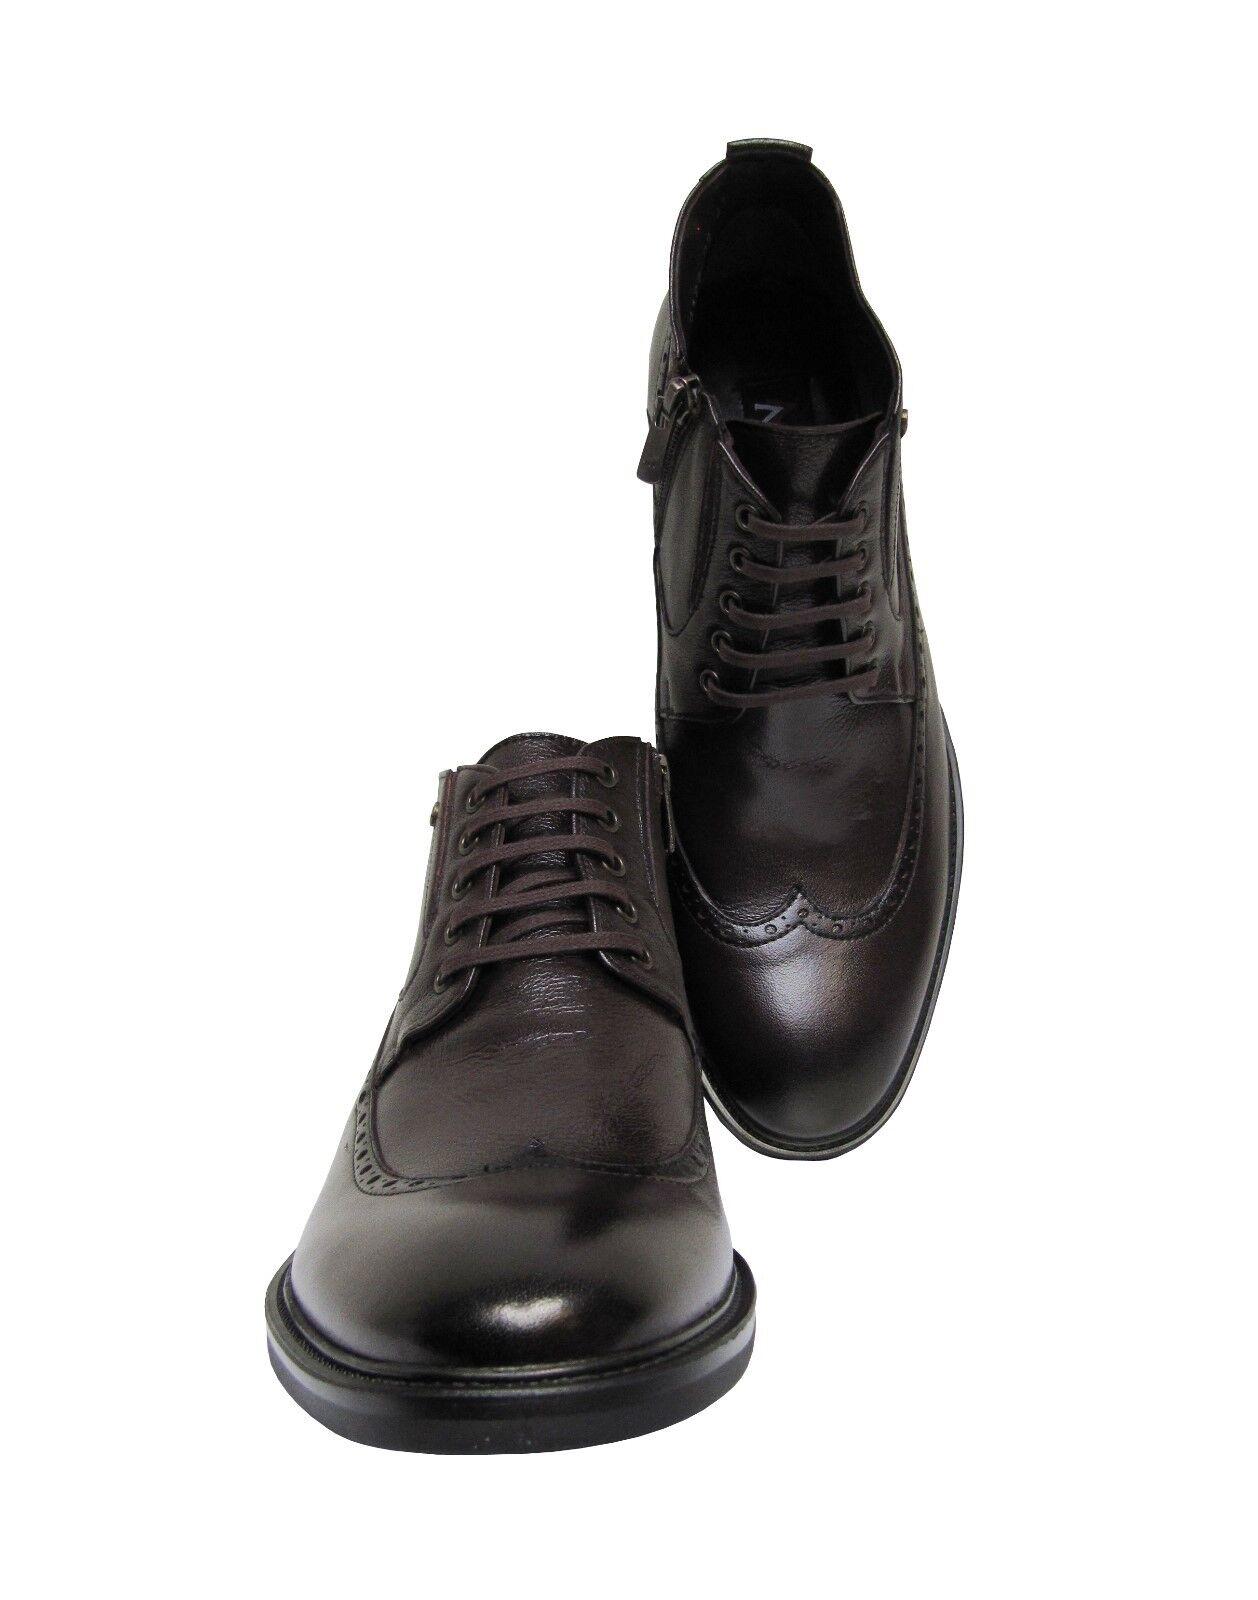 Billig gute Qualität Herren Stiefeletten Leder Muga1280Gr.41 Braun